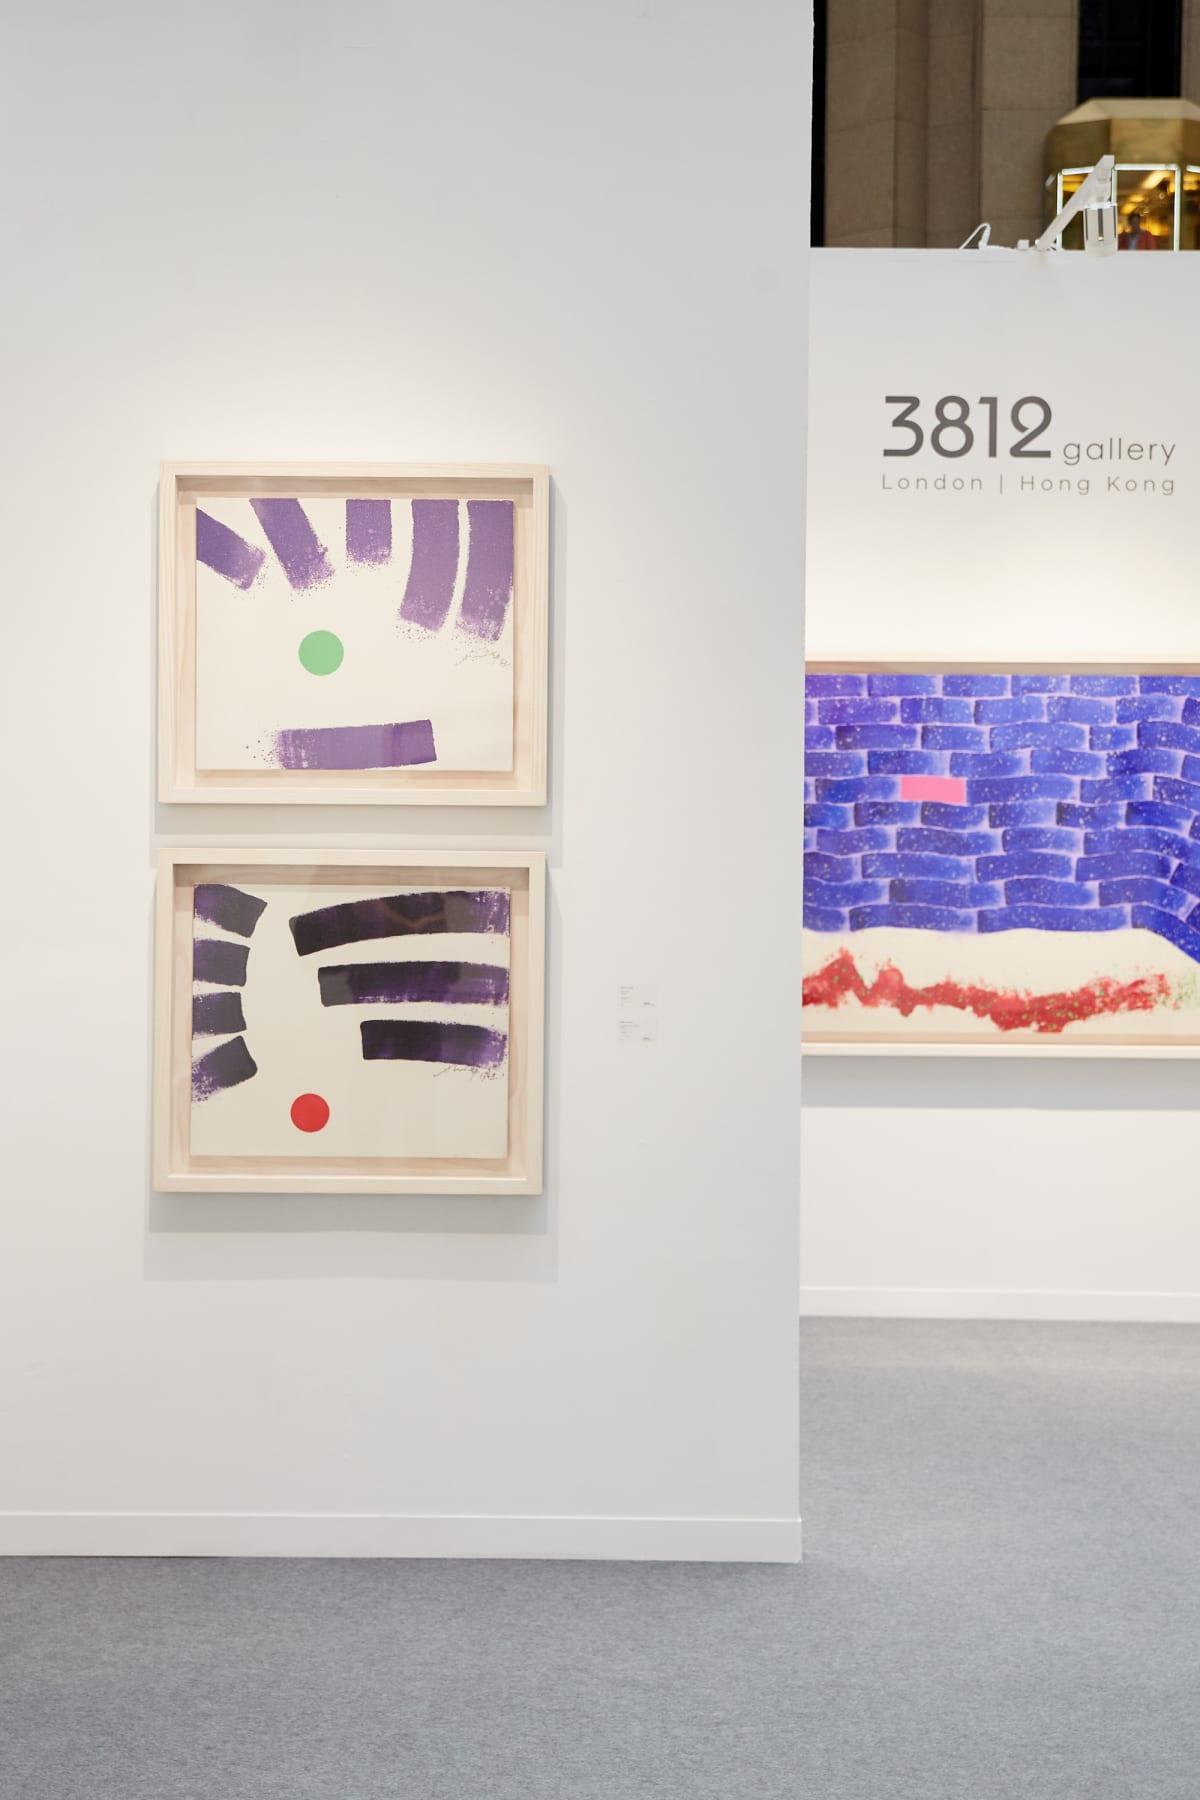 2019 Arttaipei Exhibition06